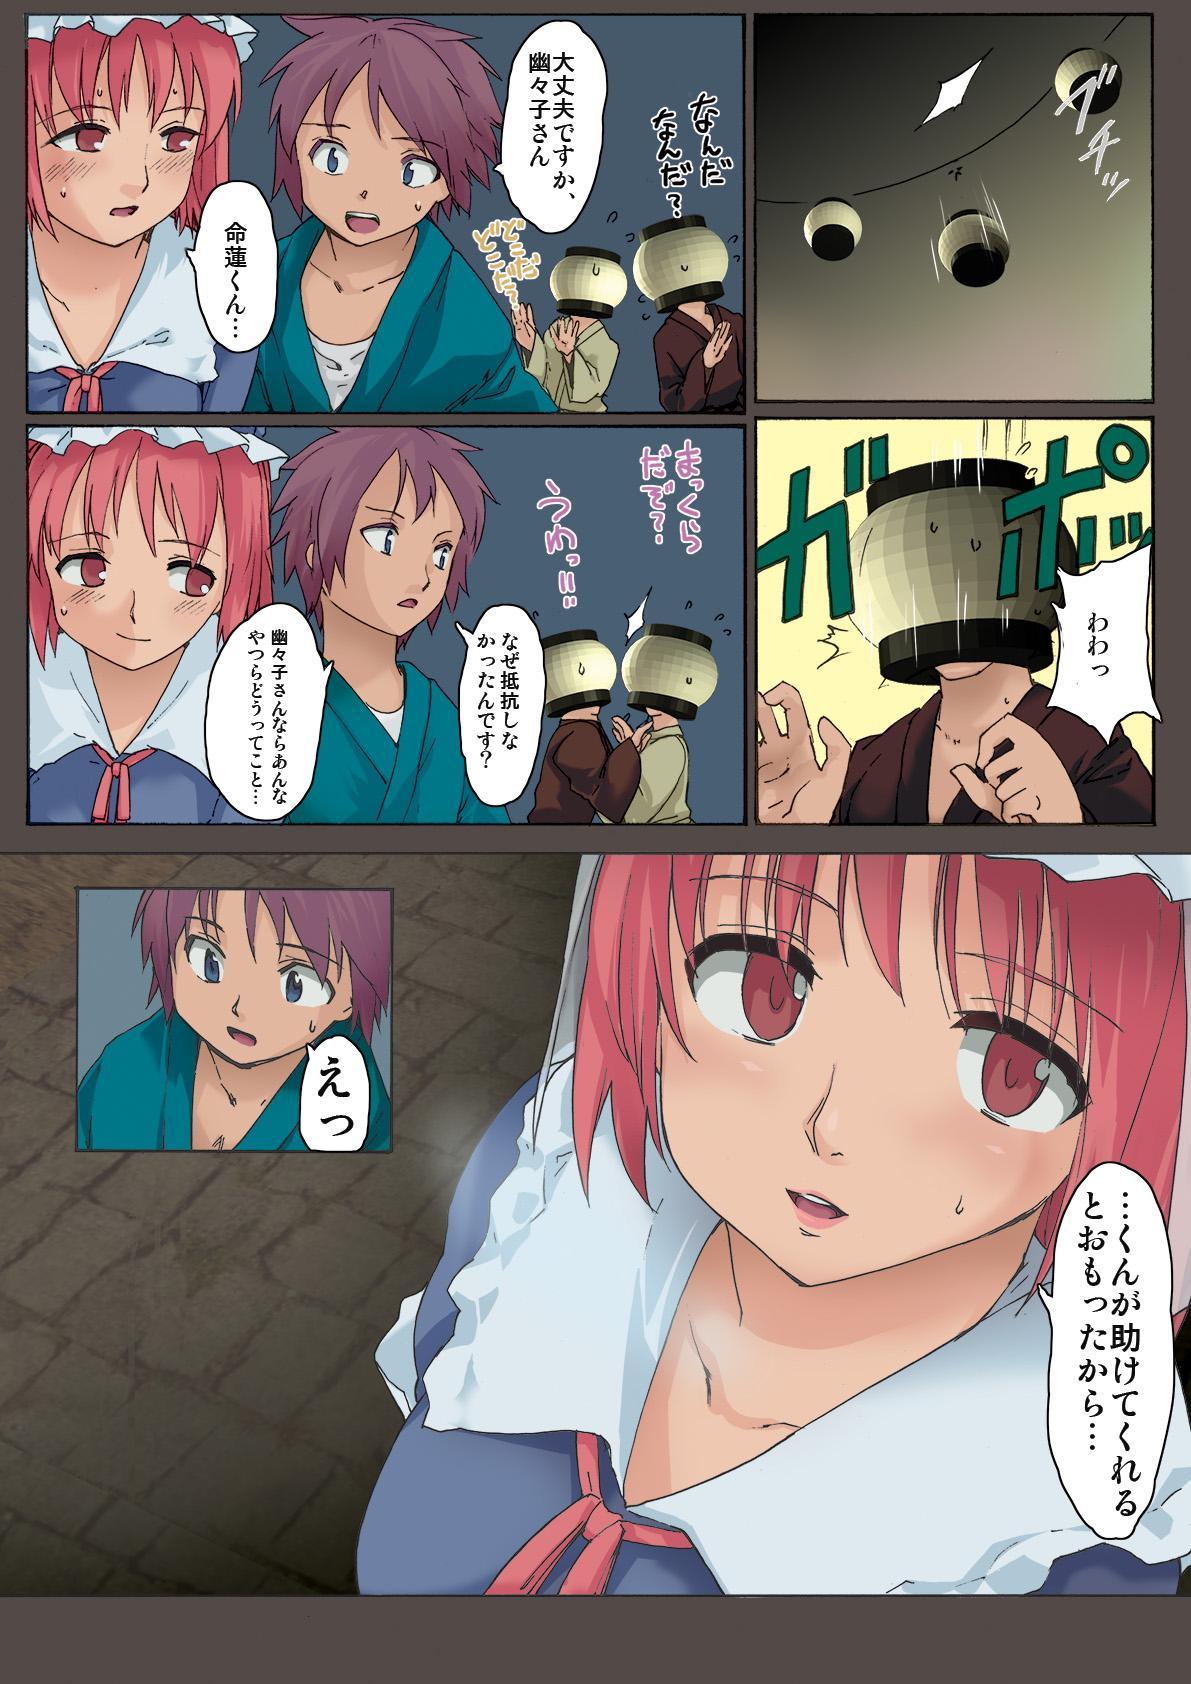 Touhou Ukiyo Emaki Seinaru Seinaru Fune no Kiseki no Kiseki 3 3